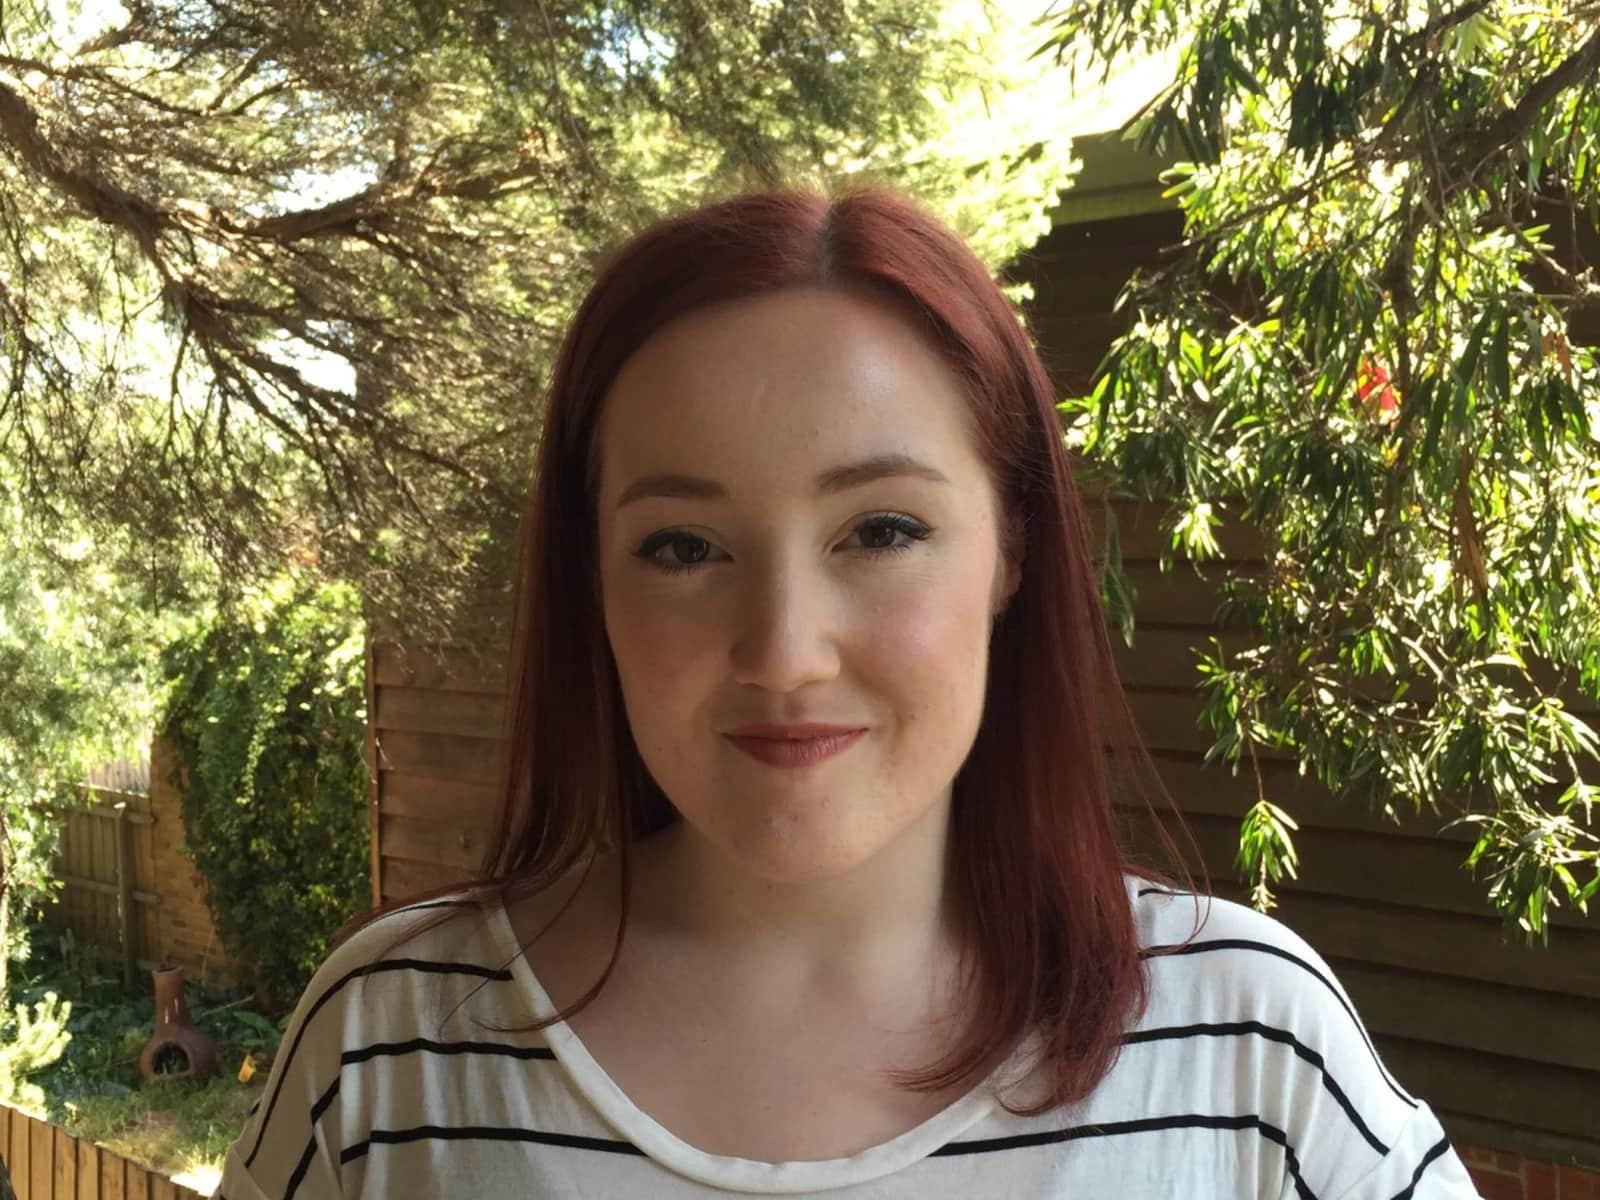 Zoe from Melbourne, Victoria, Australia